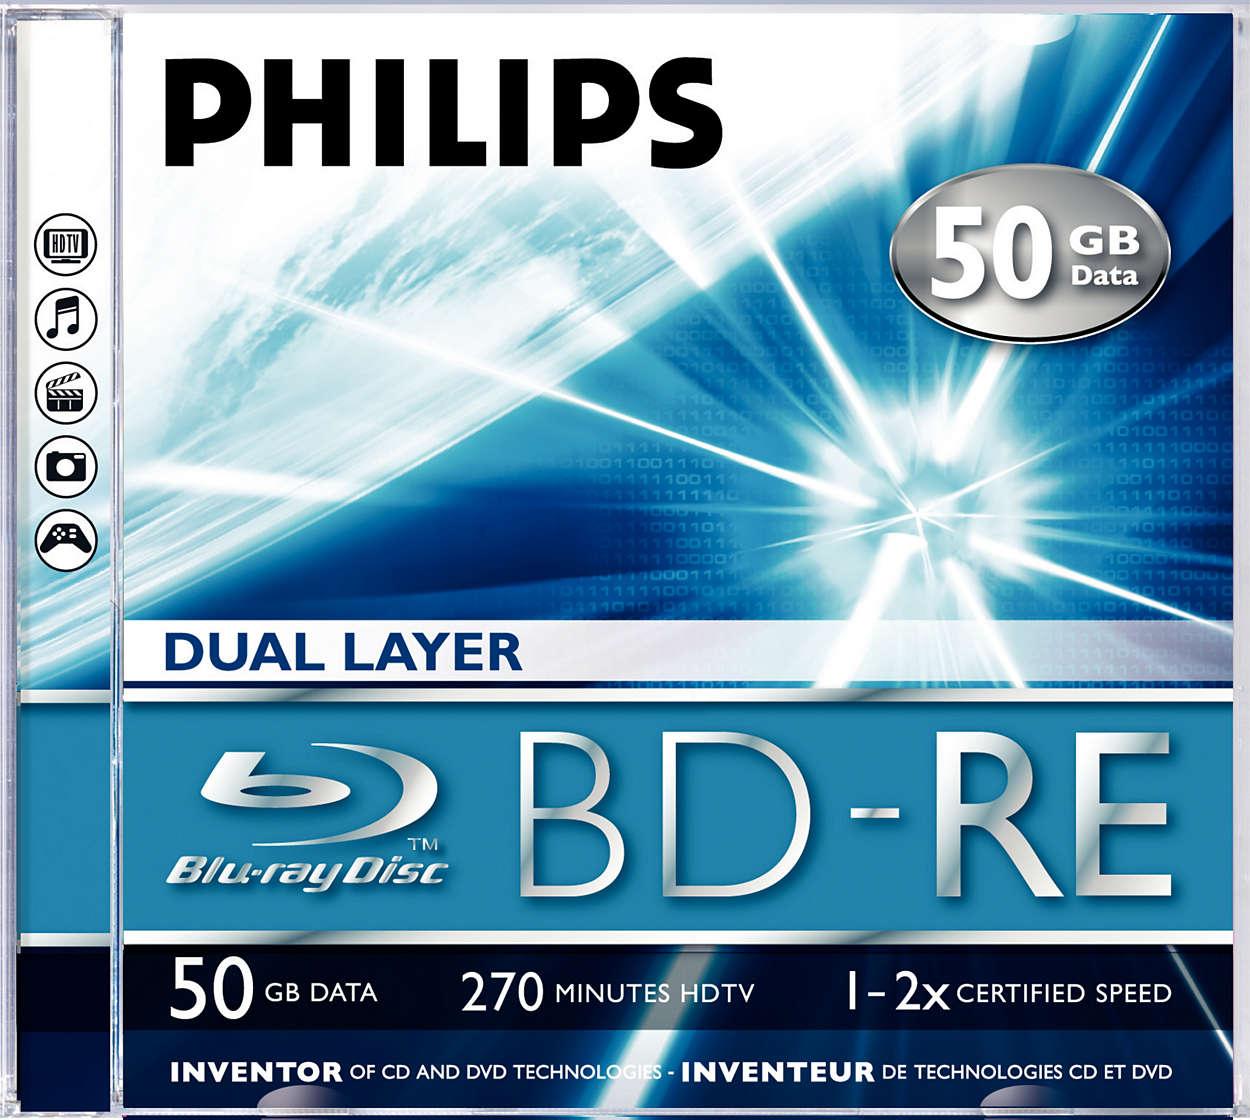 DVD'ye göre 10 kat daha büyük ve daha iyi